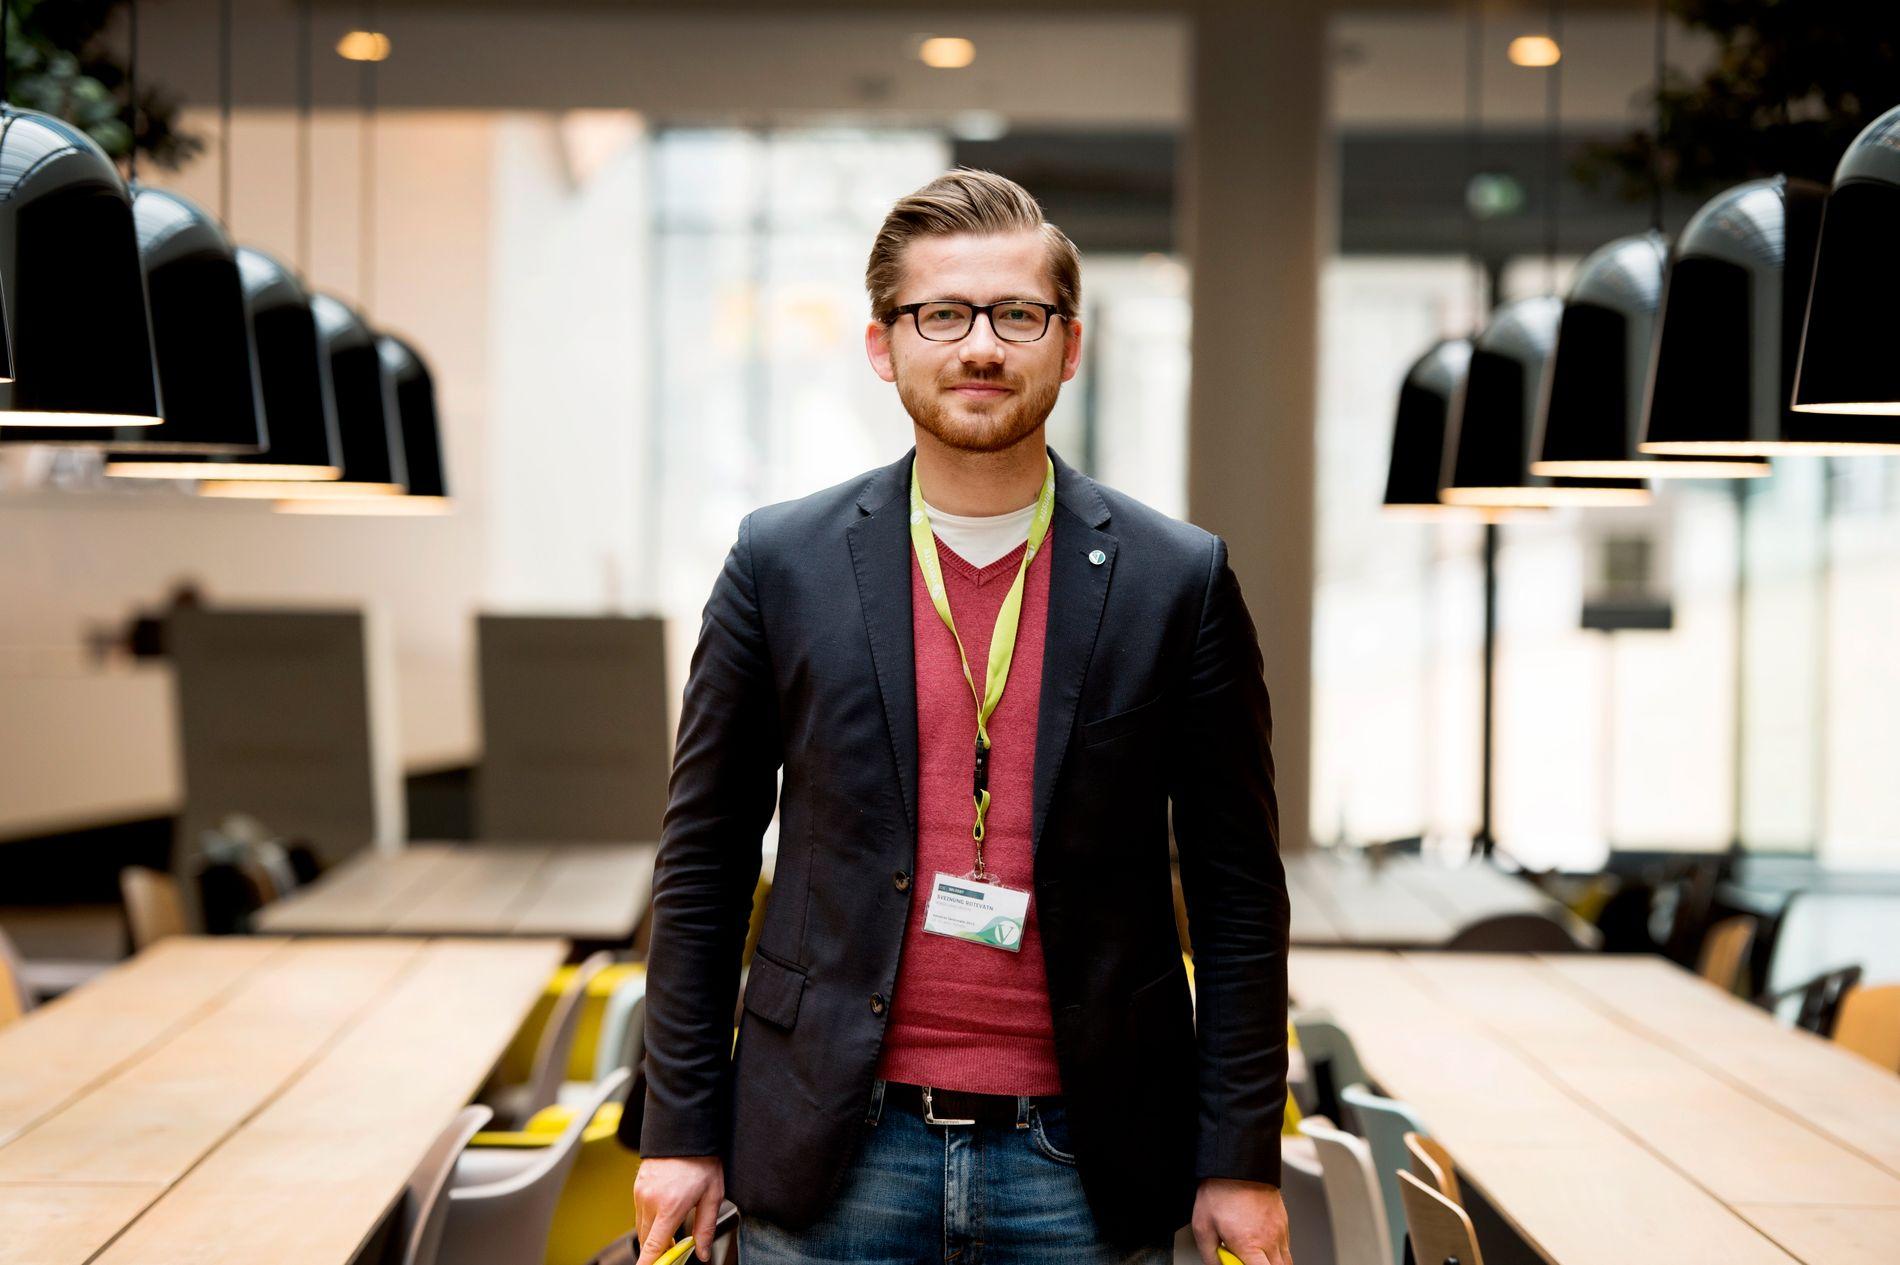 OPPGITT: Stortingsrepresentant Sveinung Rotevatn for Venstre mener regjeringen har drøyd for lenge med å gå inn for dobbelt statsborgerskap.